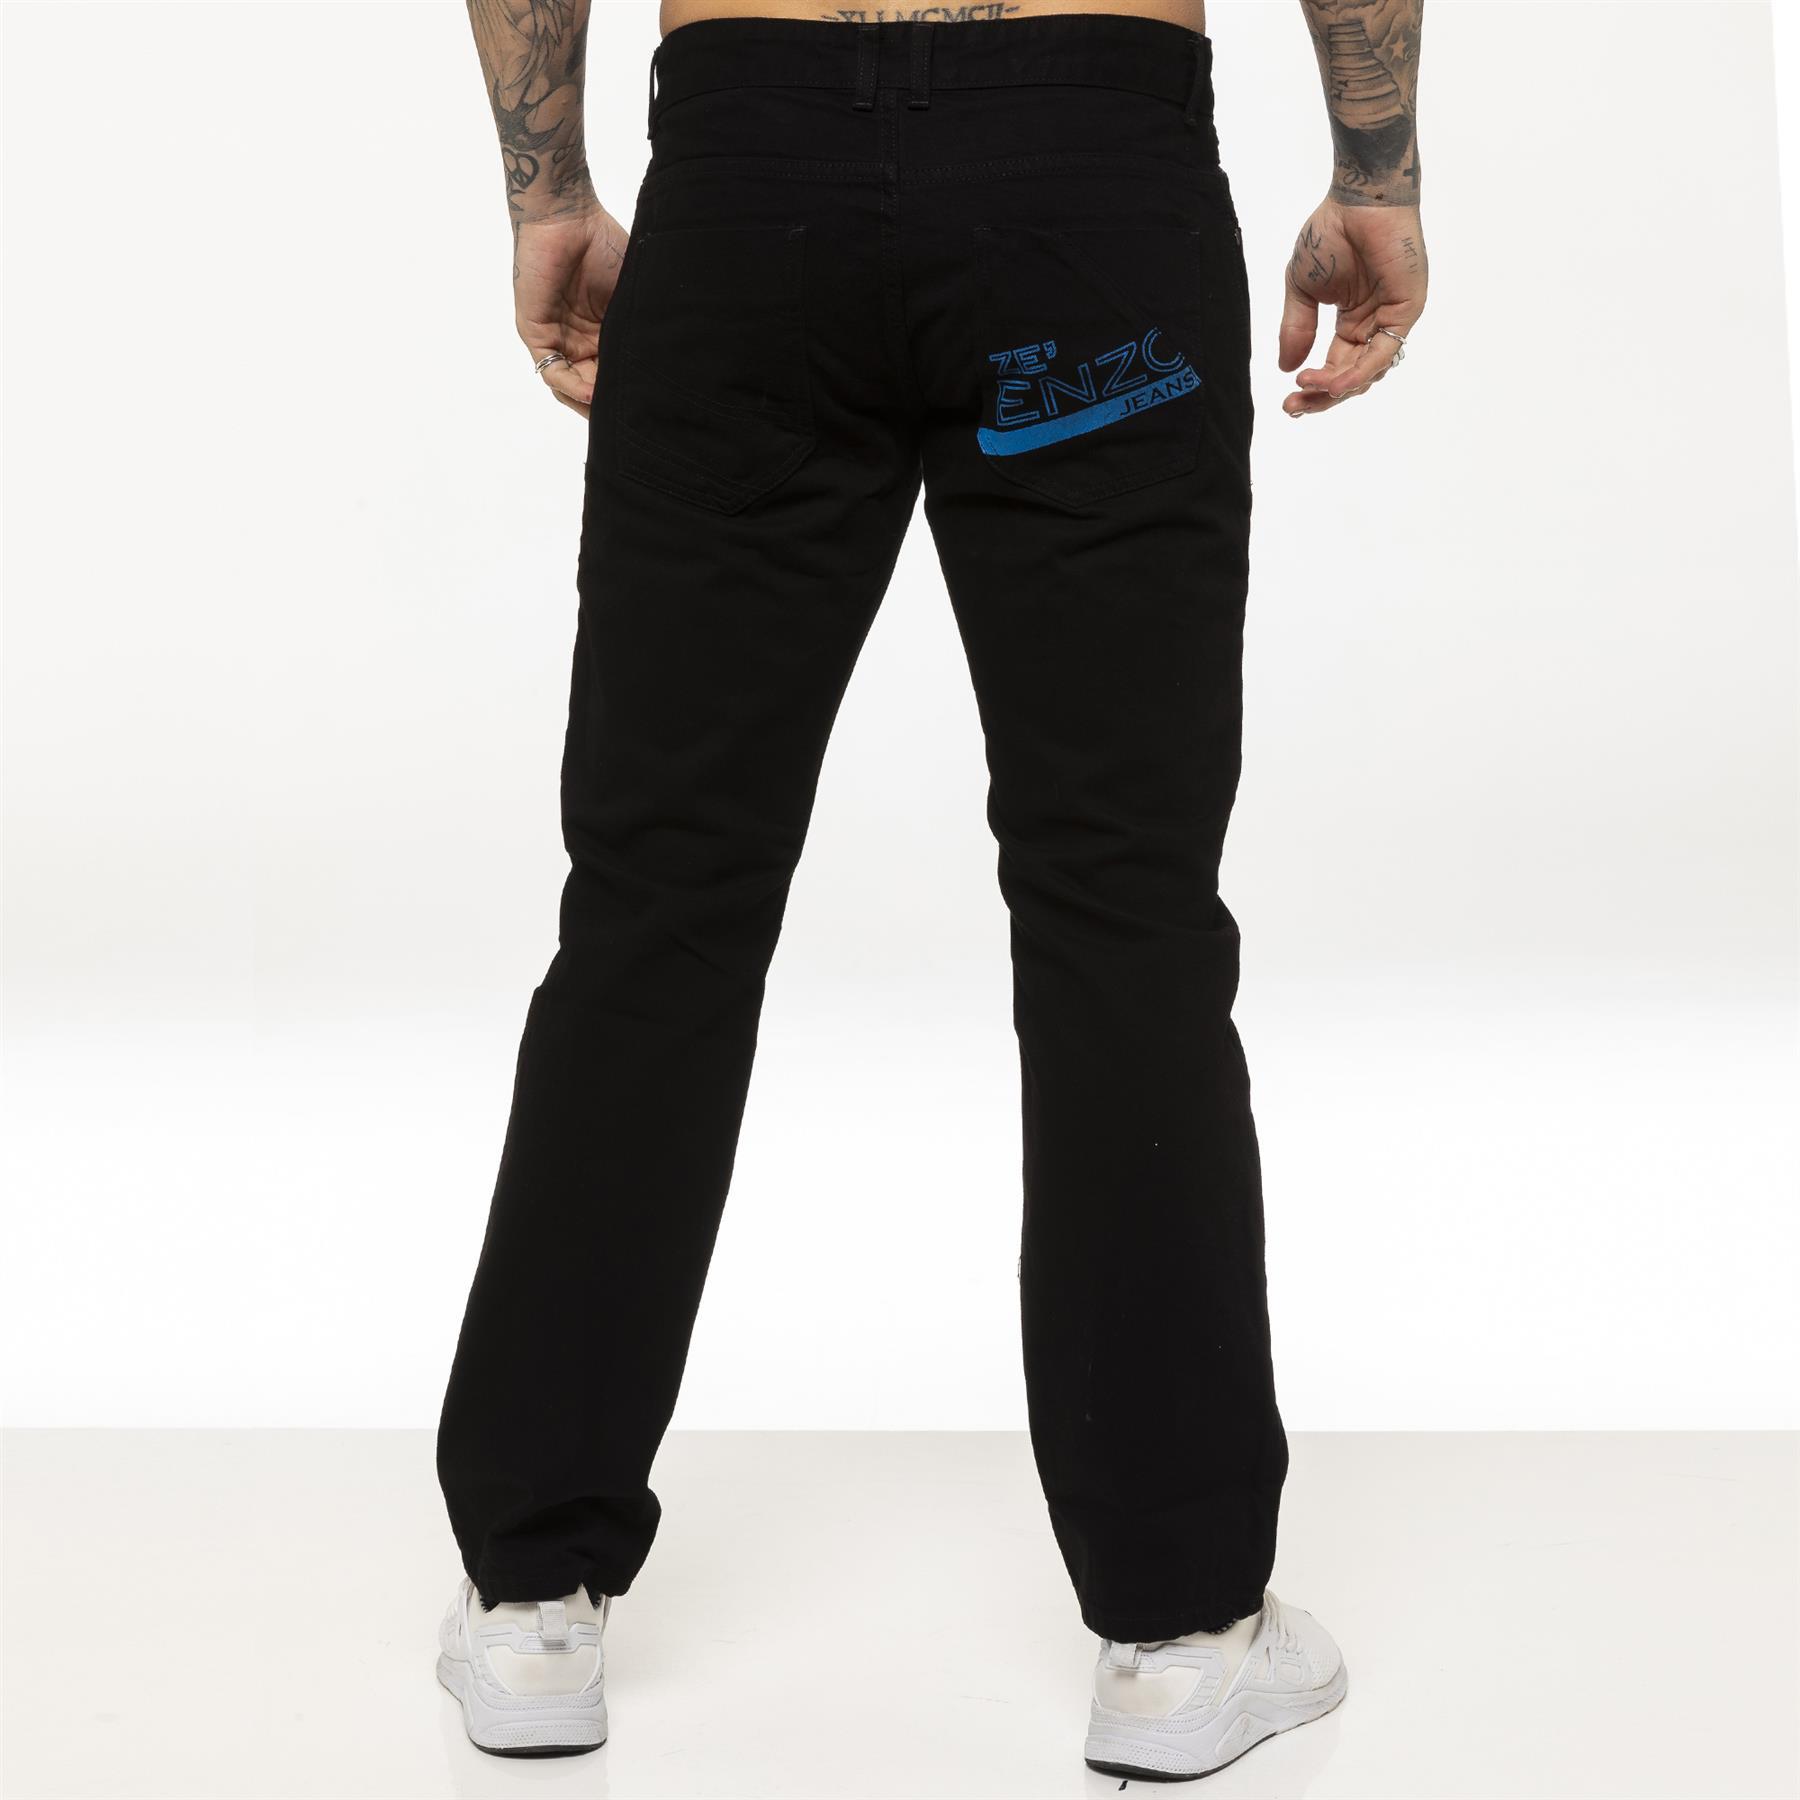 miniature 5 - Enzo pour homme coupe droite regular leg homme travail Denim Pantalon Toutes Tailles Tailles